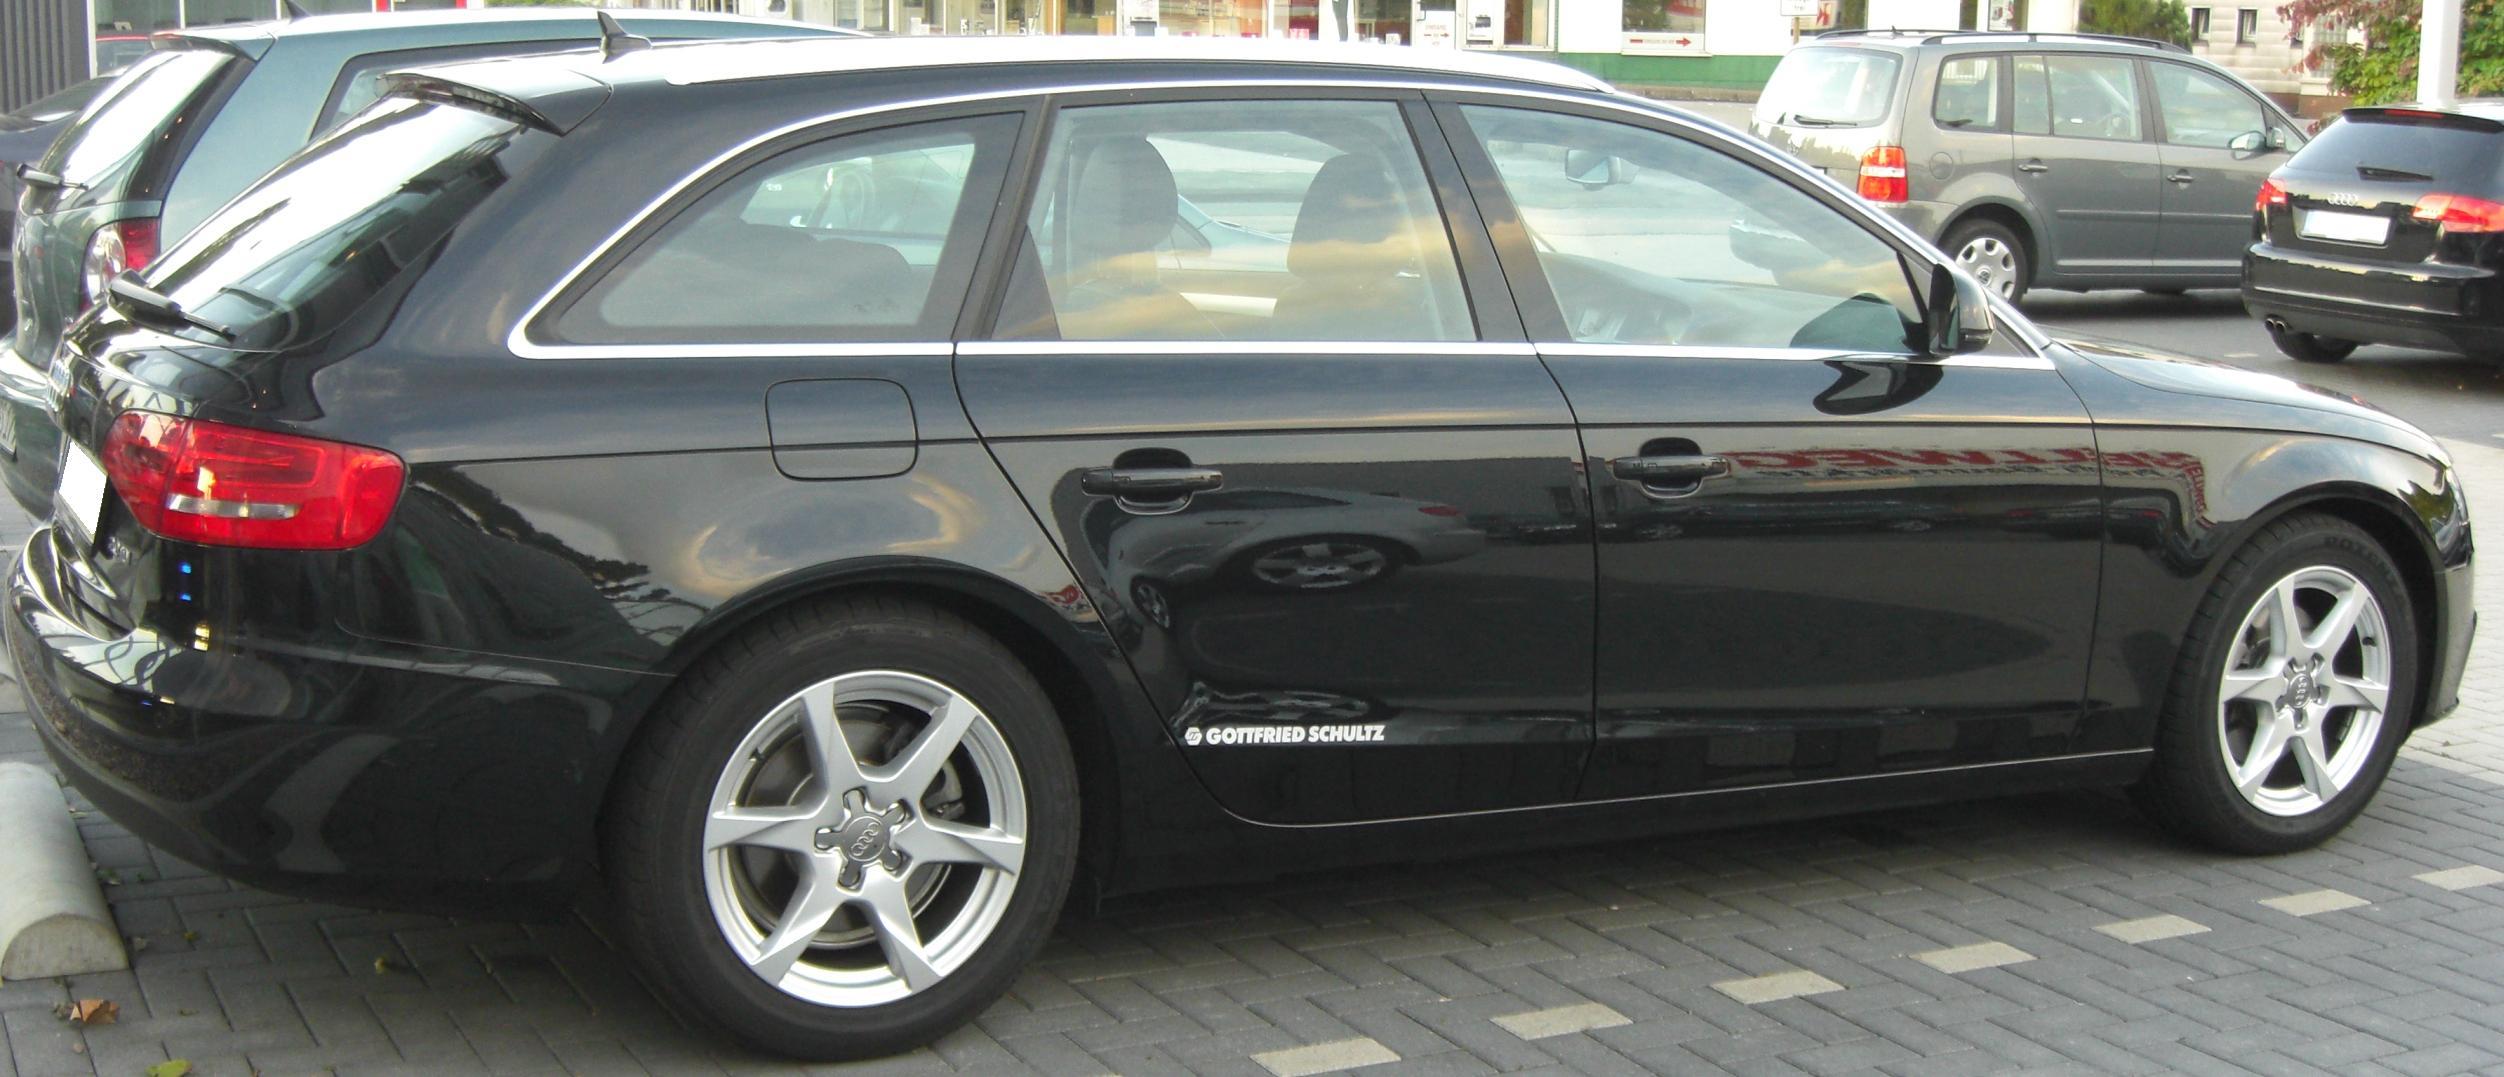 File Audi A4 Avant B8 2008 Rear Jpg Wikimedia Commons